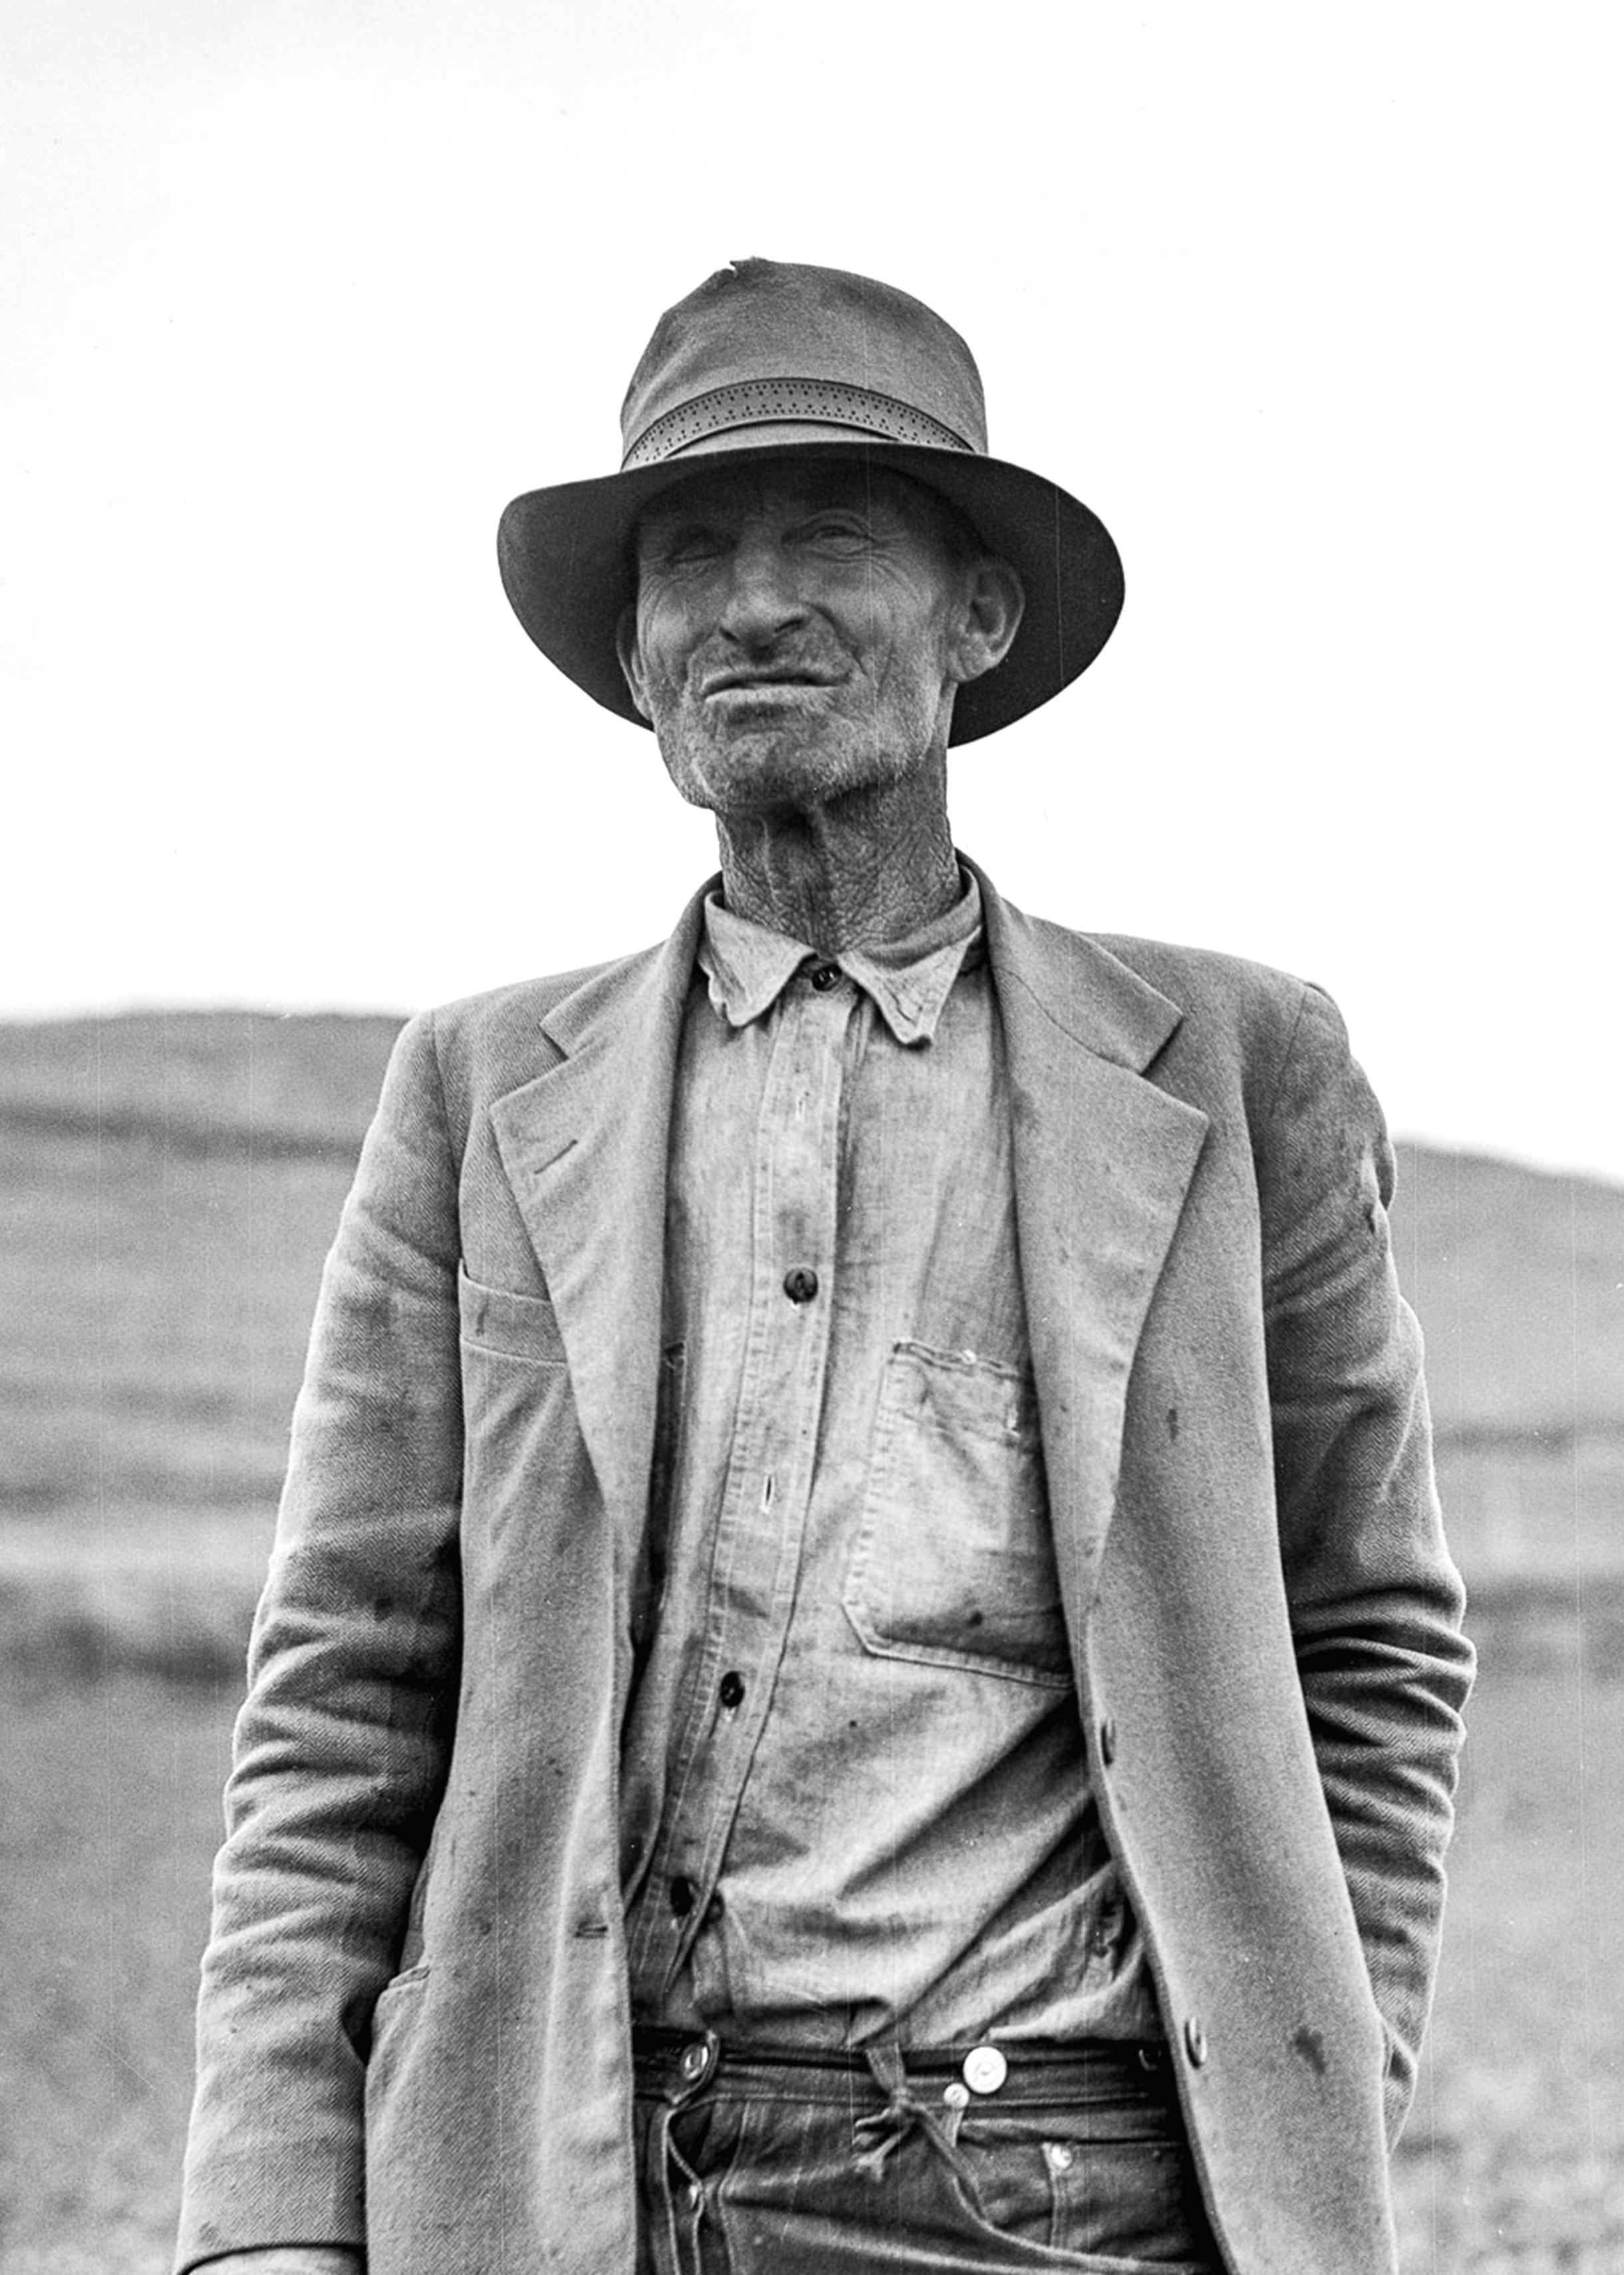 Giacca Ritratto Gratis Uomo Vecchio Foto Persona Cappello xYR5gAnq